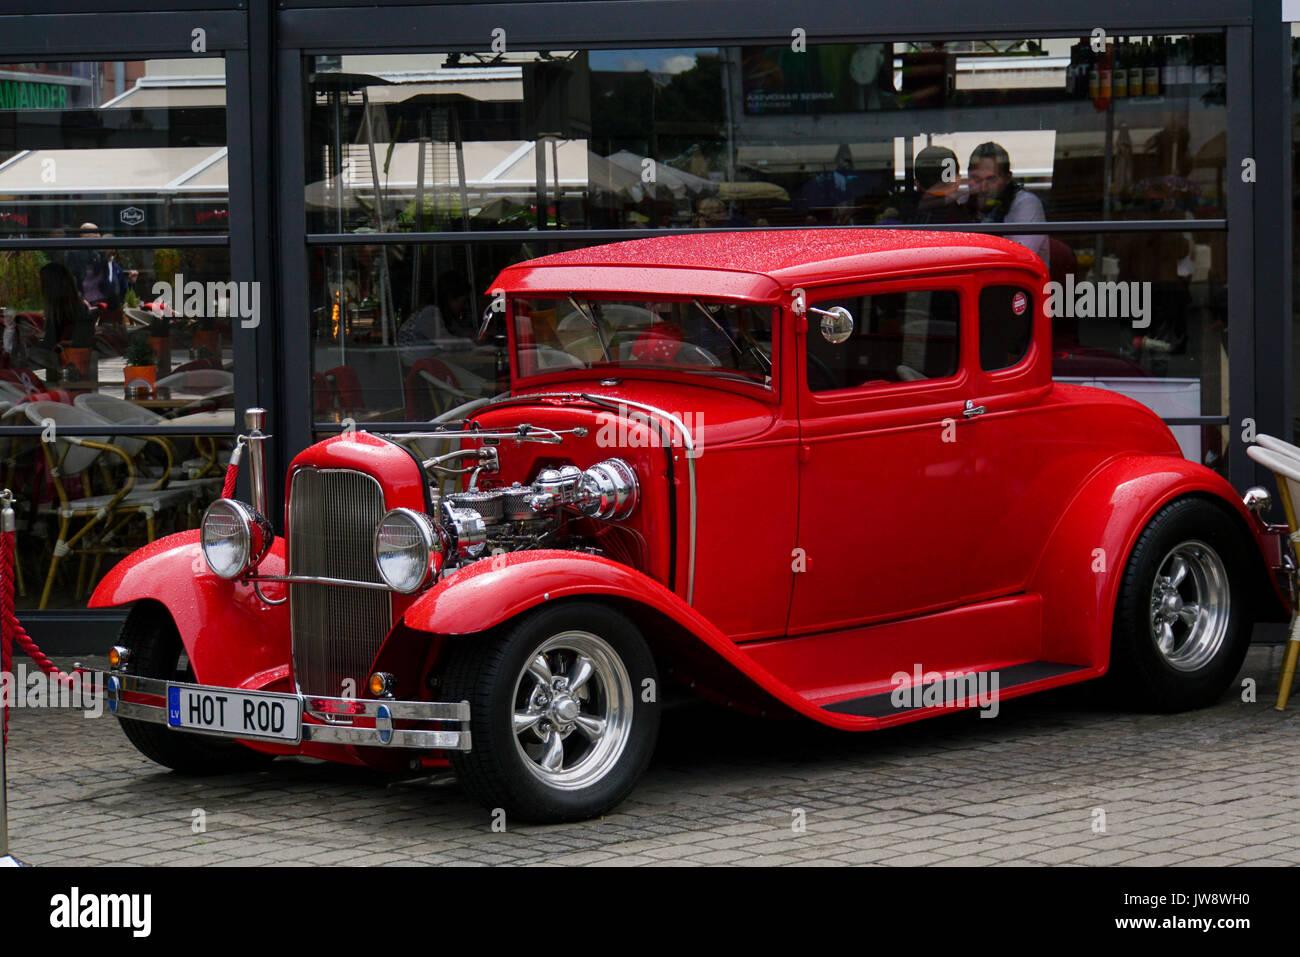 Coupe Hot Rod Stock Photos & Coupe Hot Rod Stock Images - Alamy